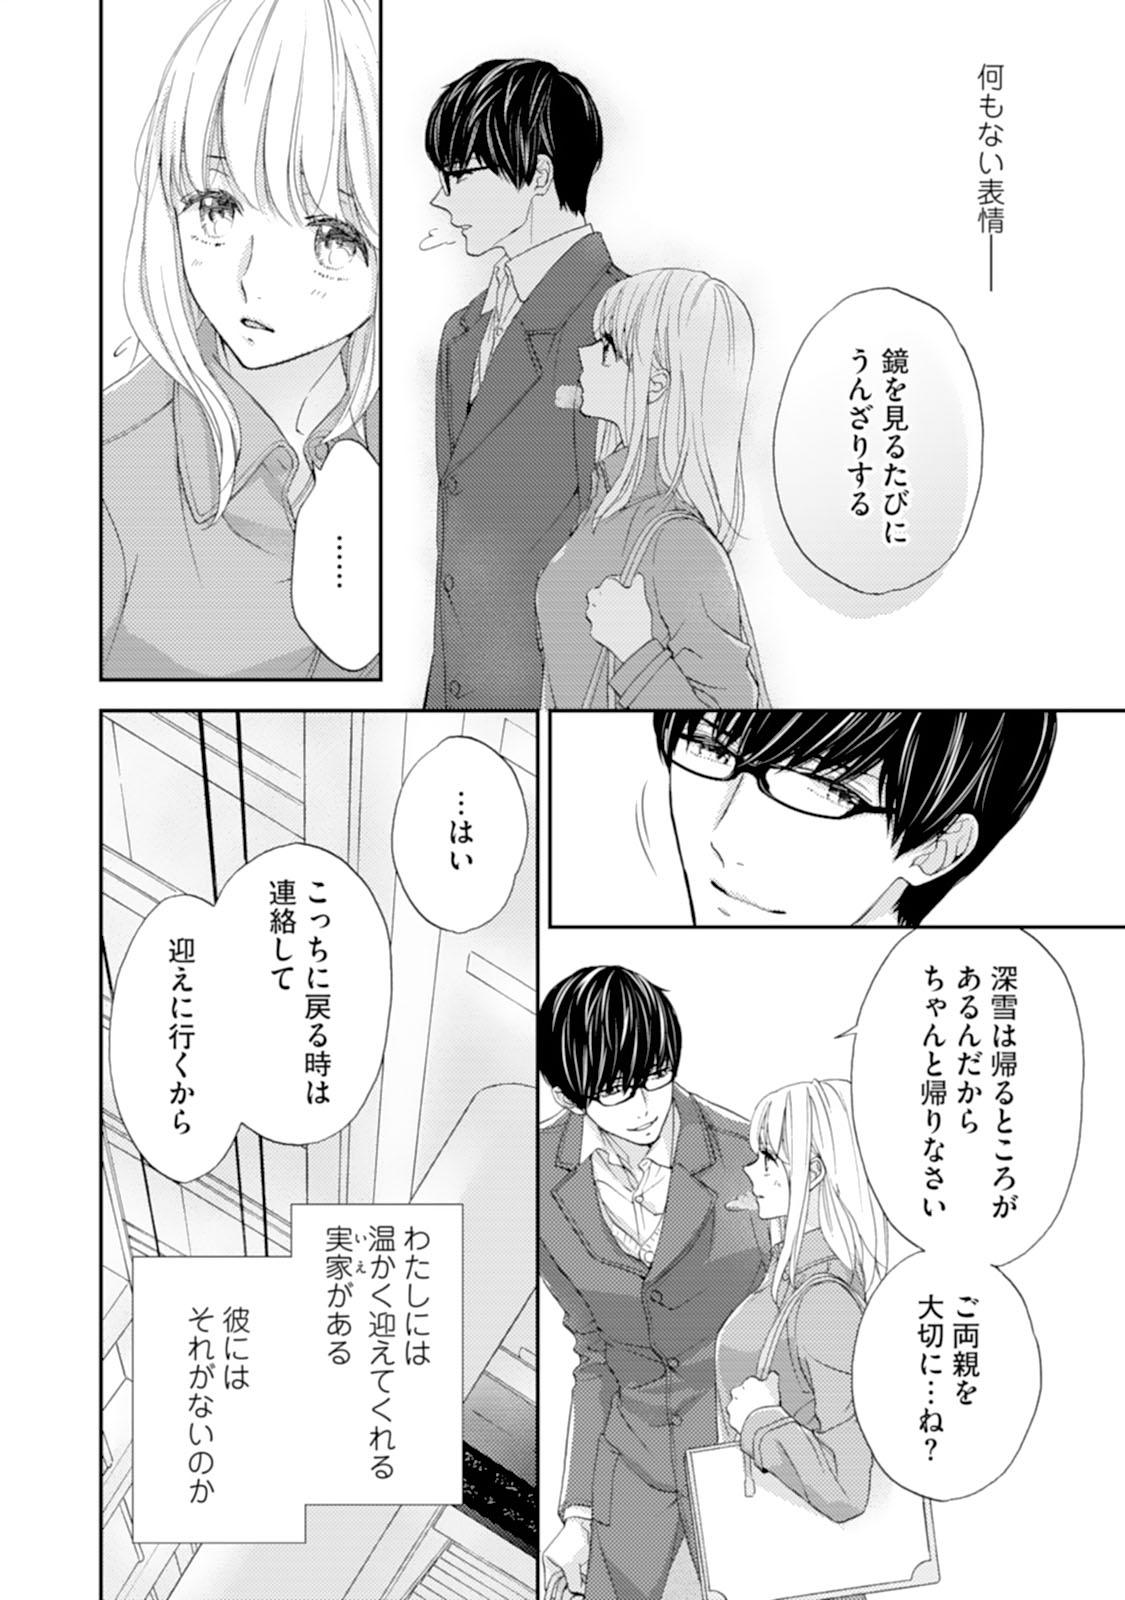 [Adumi Yuu] Choukyou-kei Danshi Ookami-sama to Koneko-chan Ch. 1-3 59